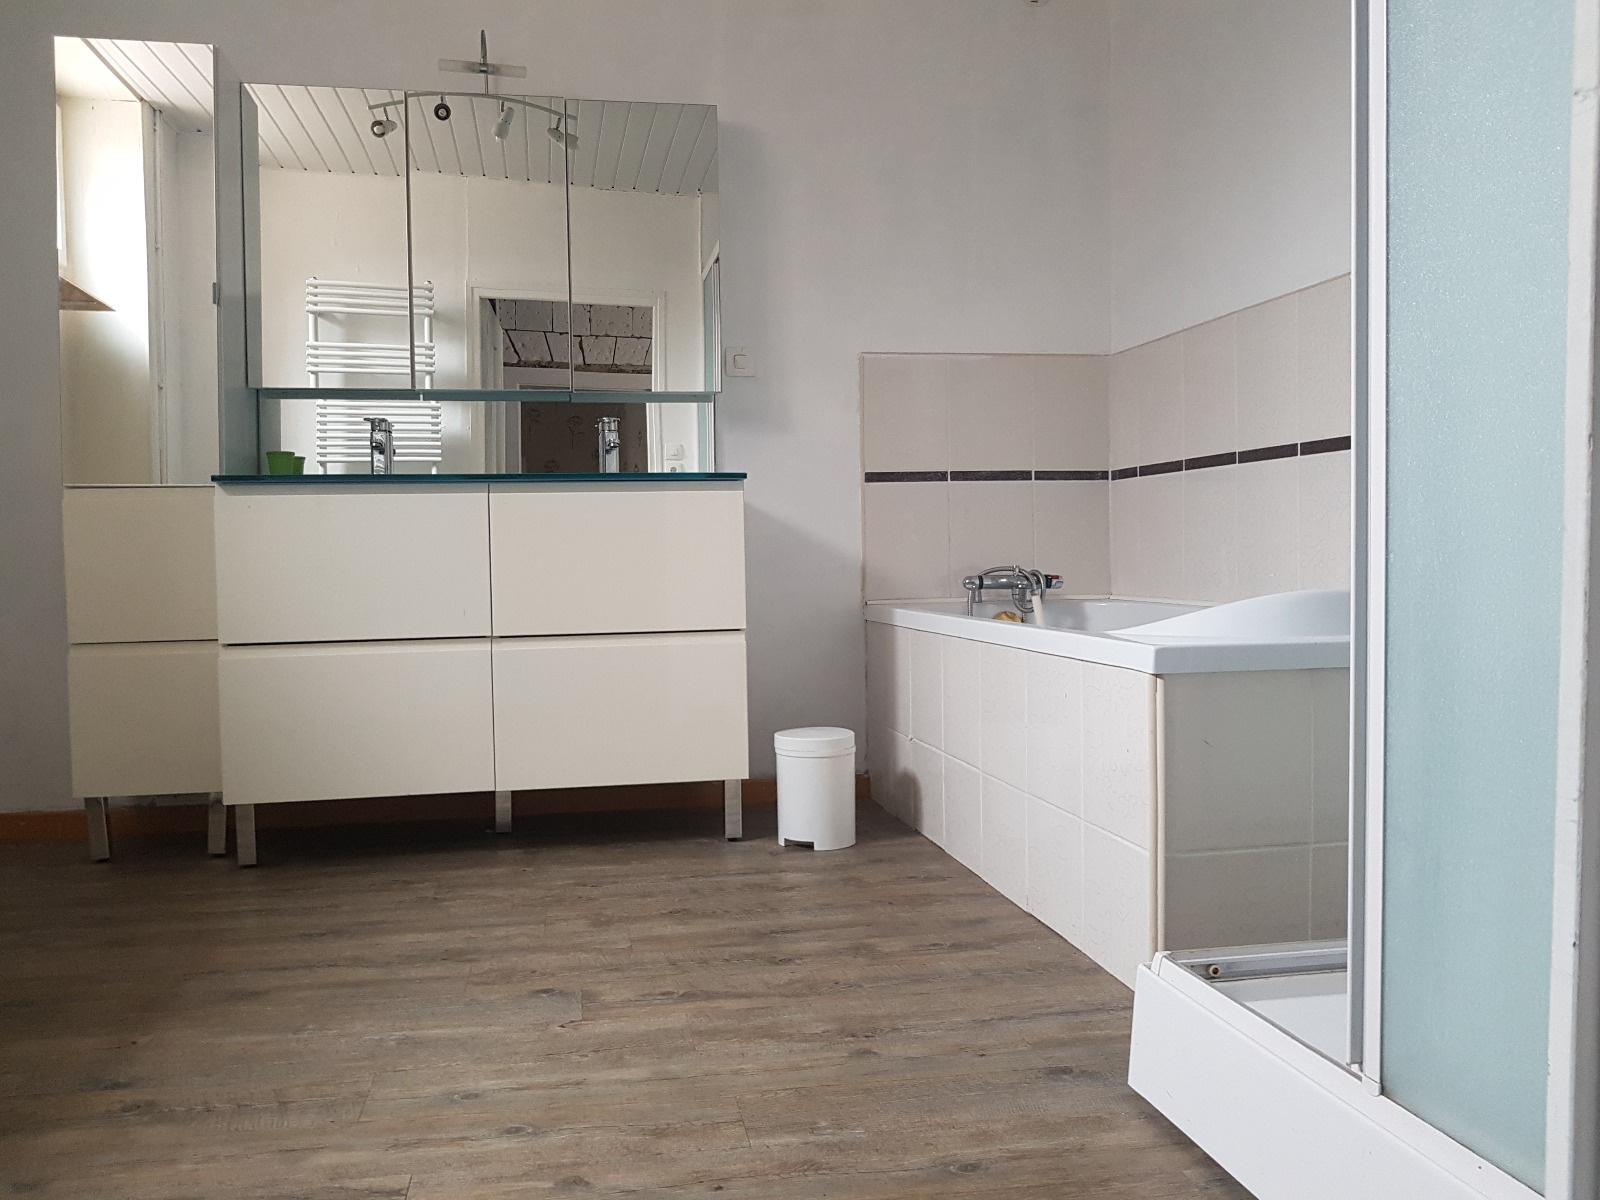 salle de bain 13m²( baignoire et douche)